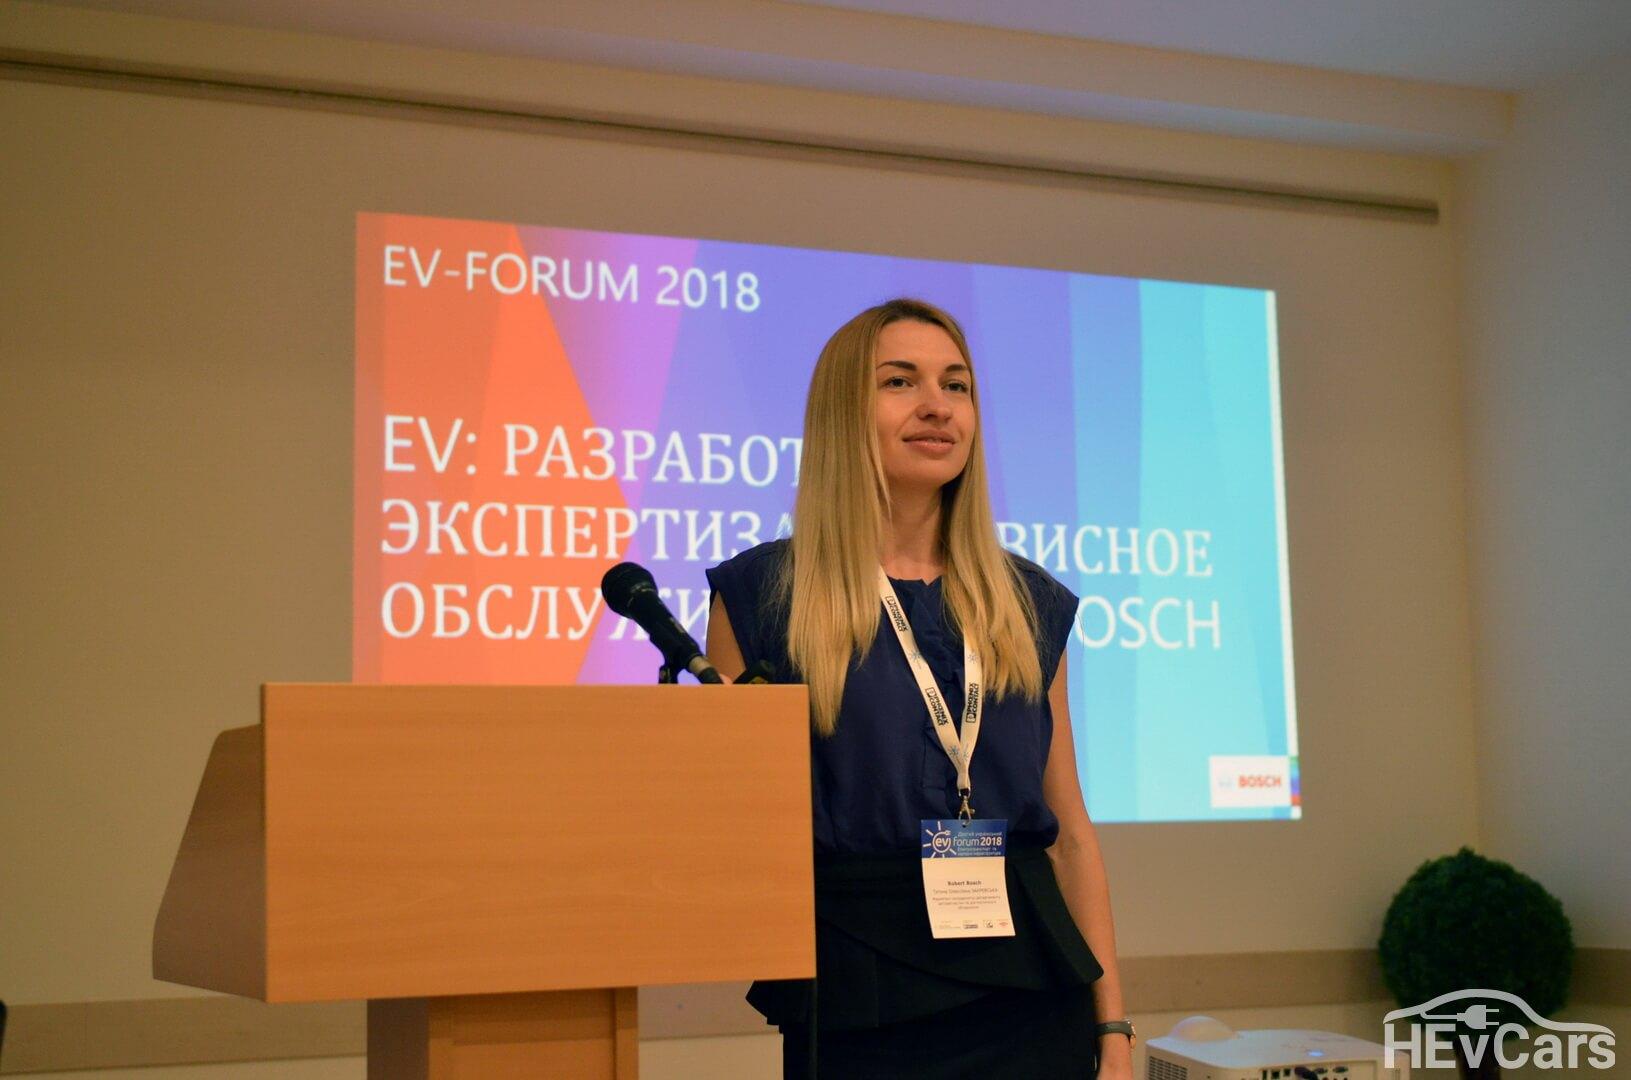 Татьяна Закревская